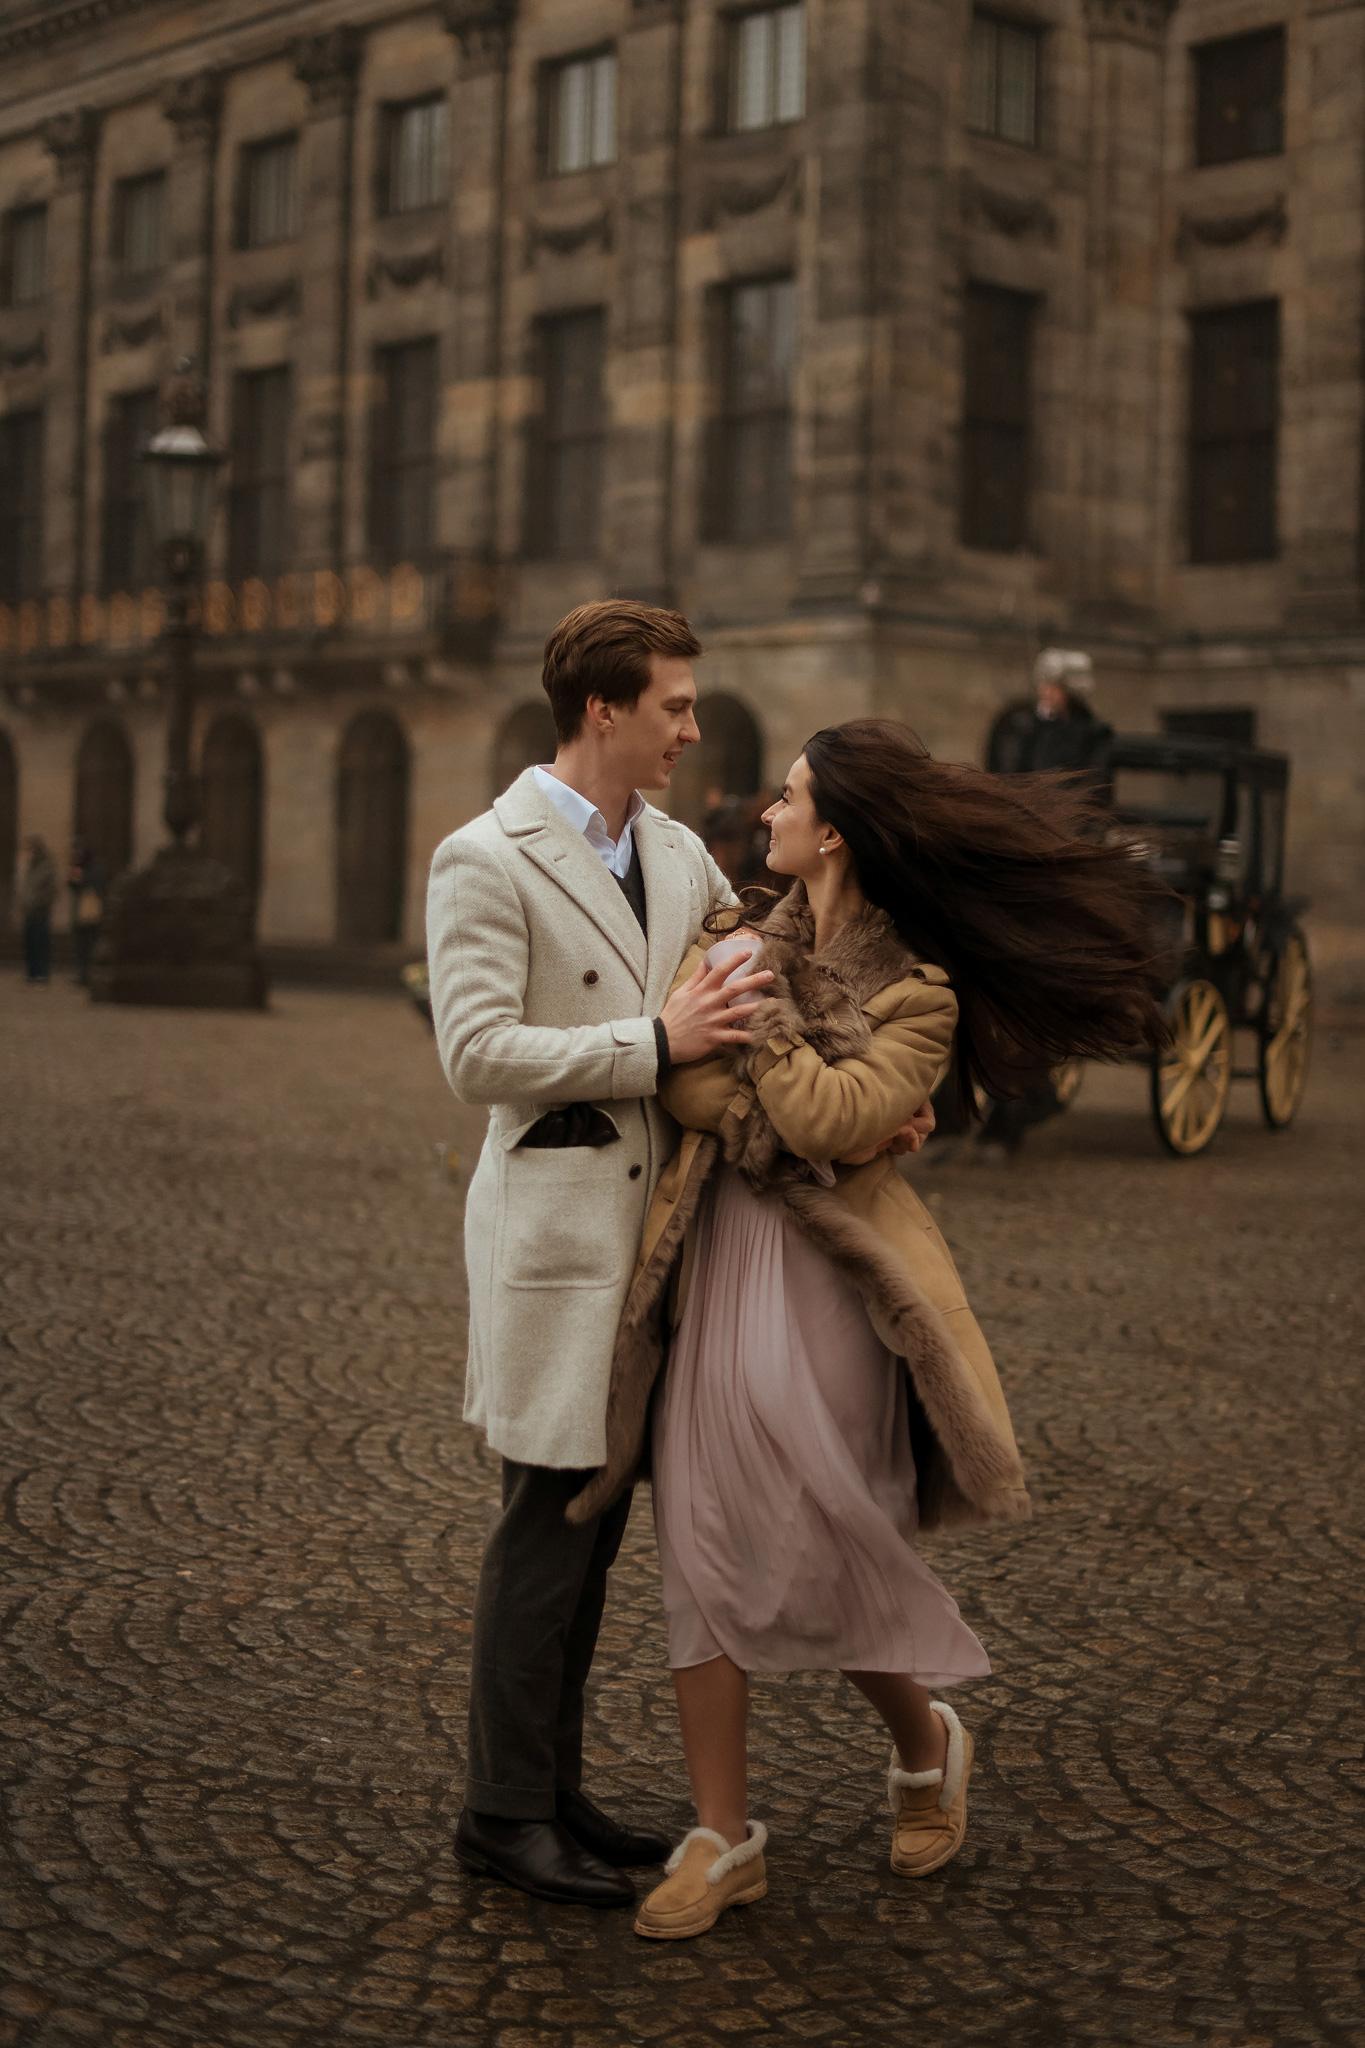 Love in Dam square in Amsterdam